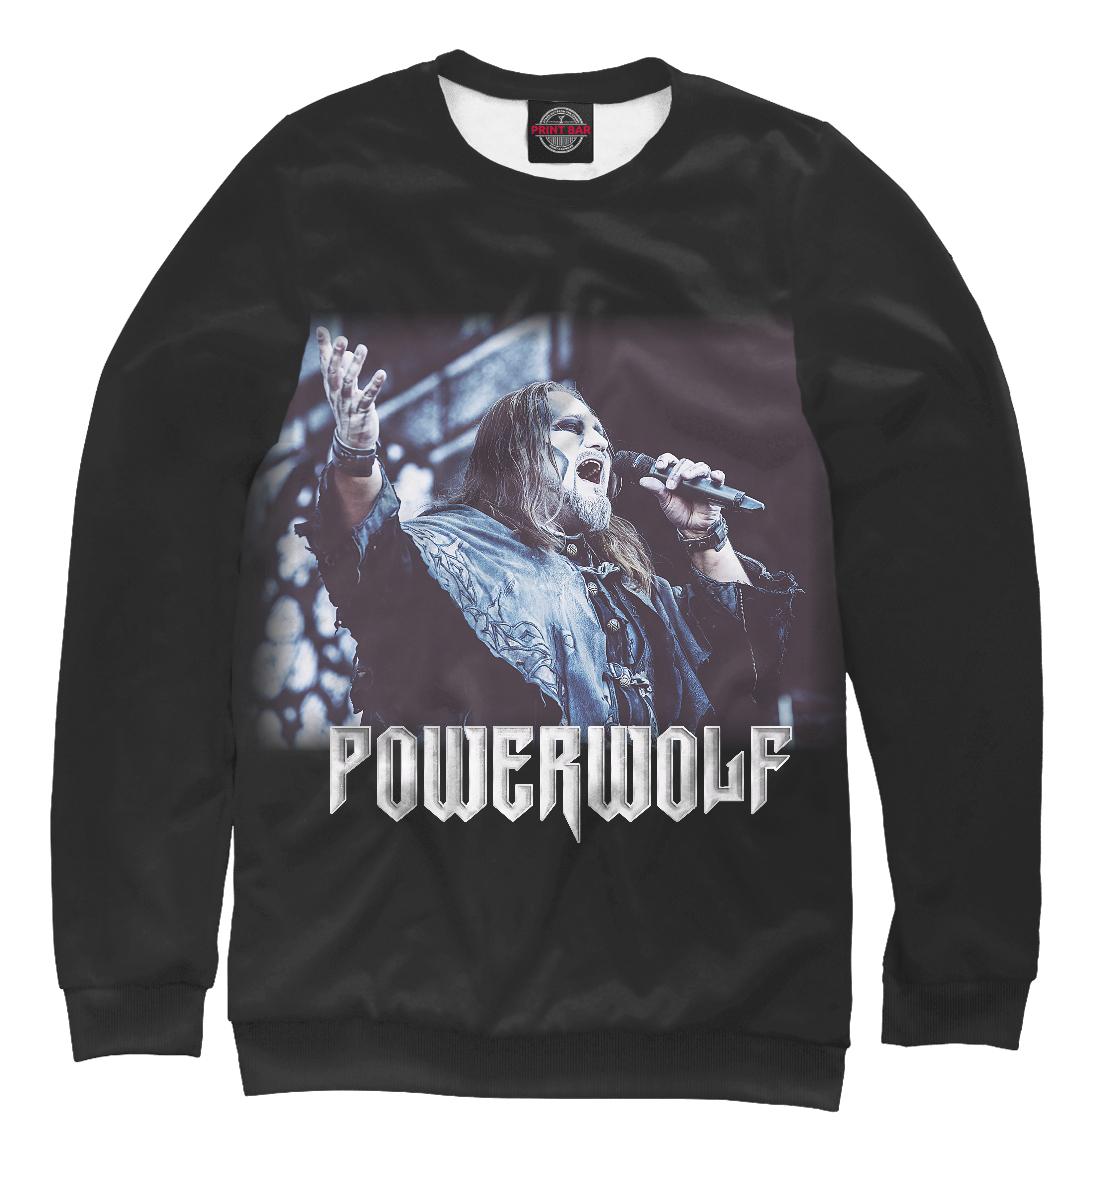 Купить Powerwolf - Attila Dorn, Printbar, Свитшоты, PWF-453531-swi-1